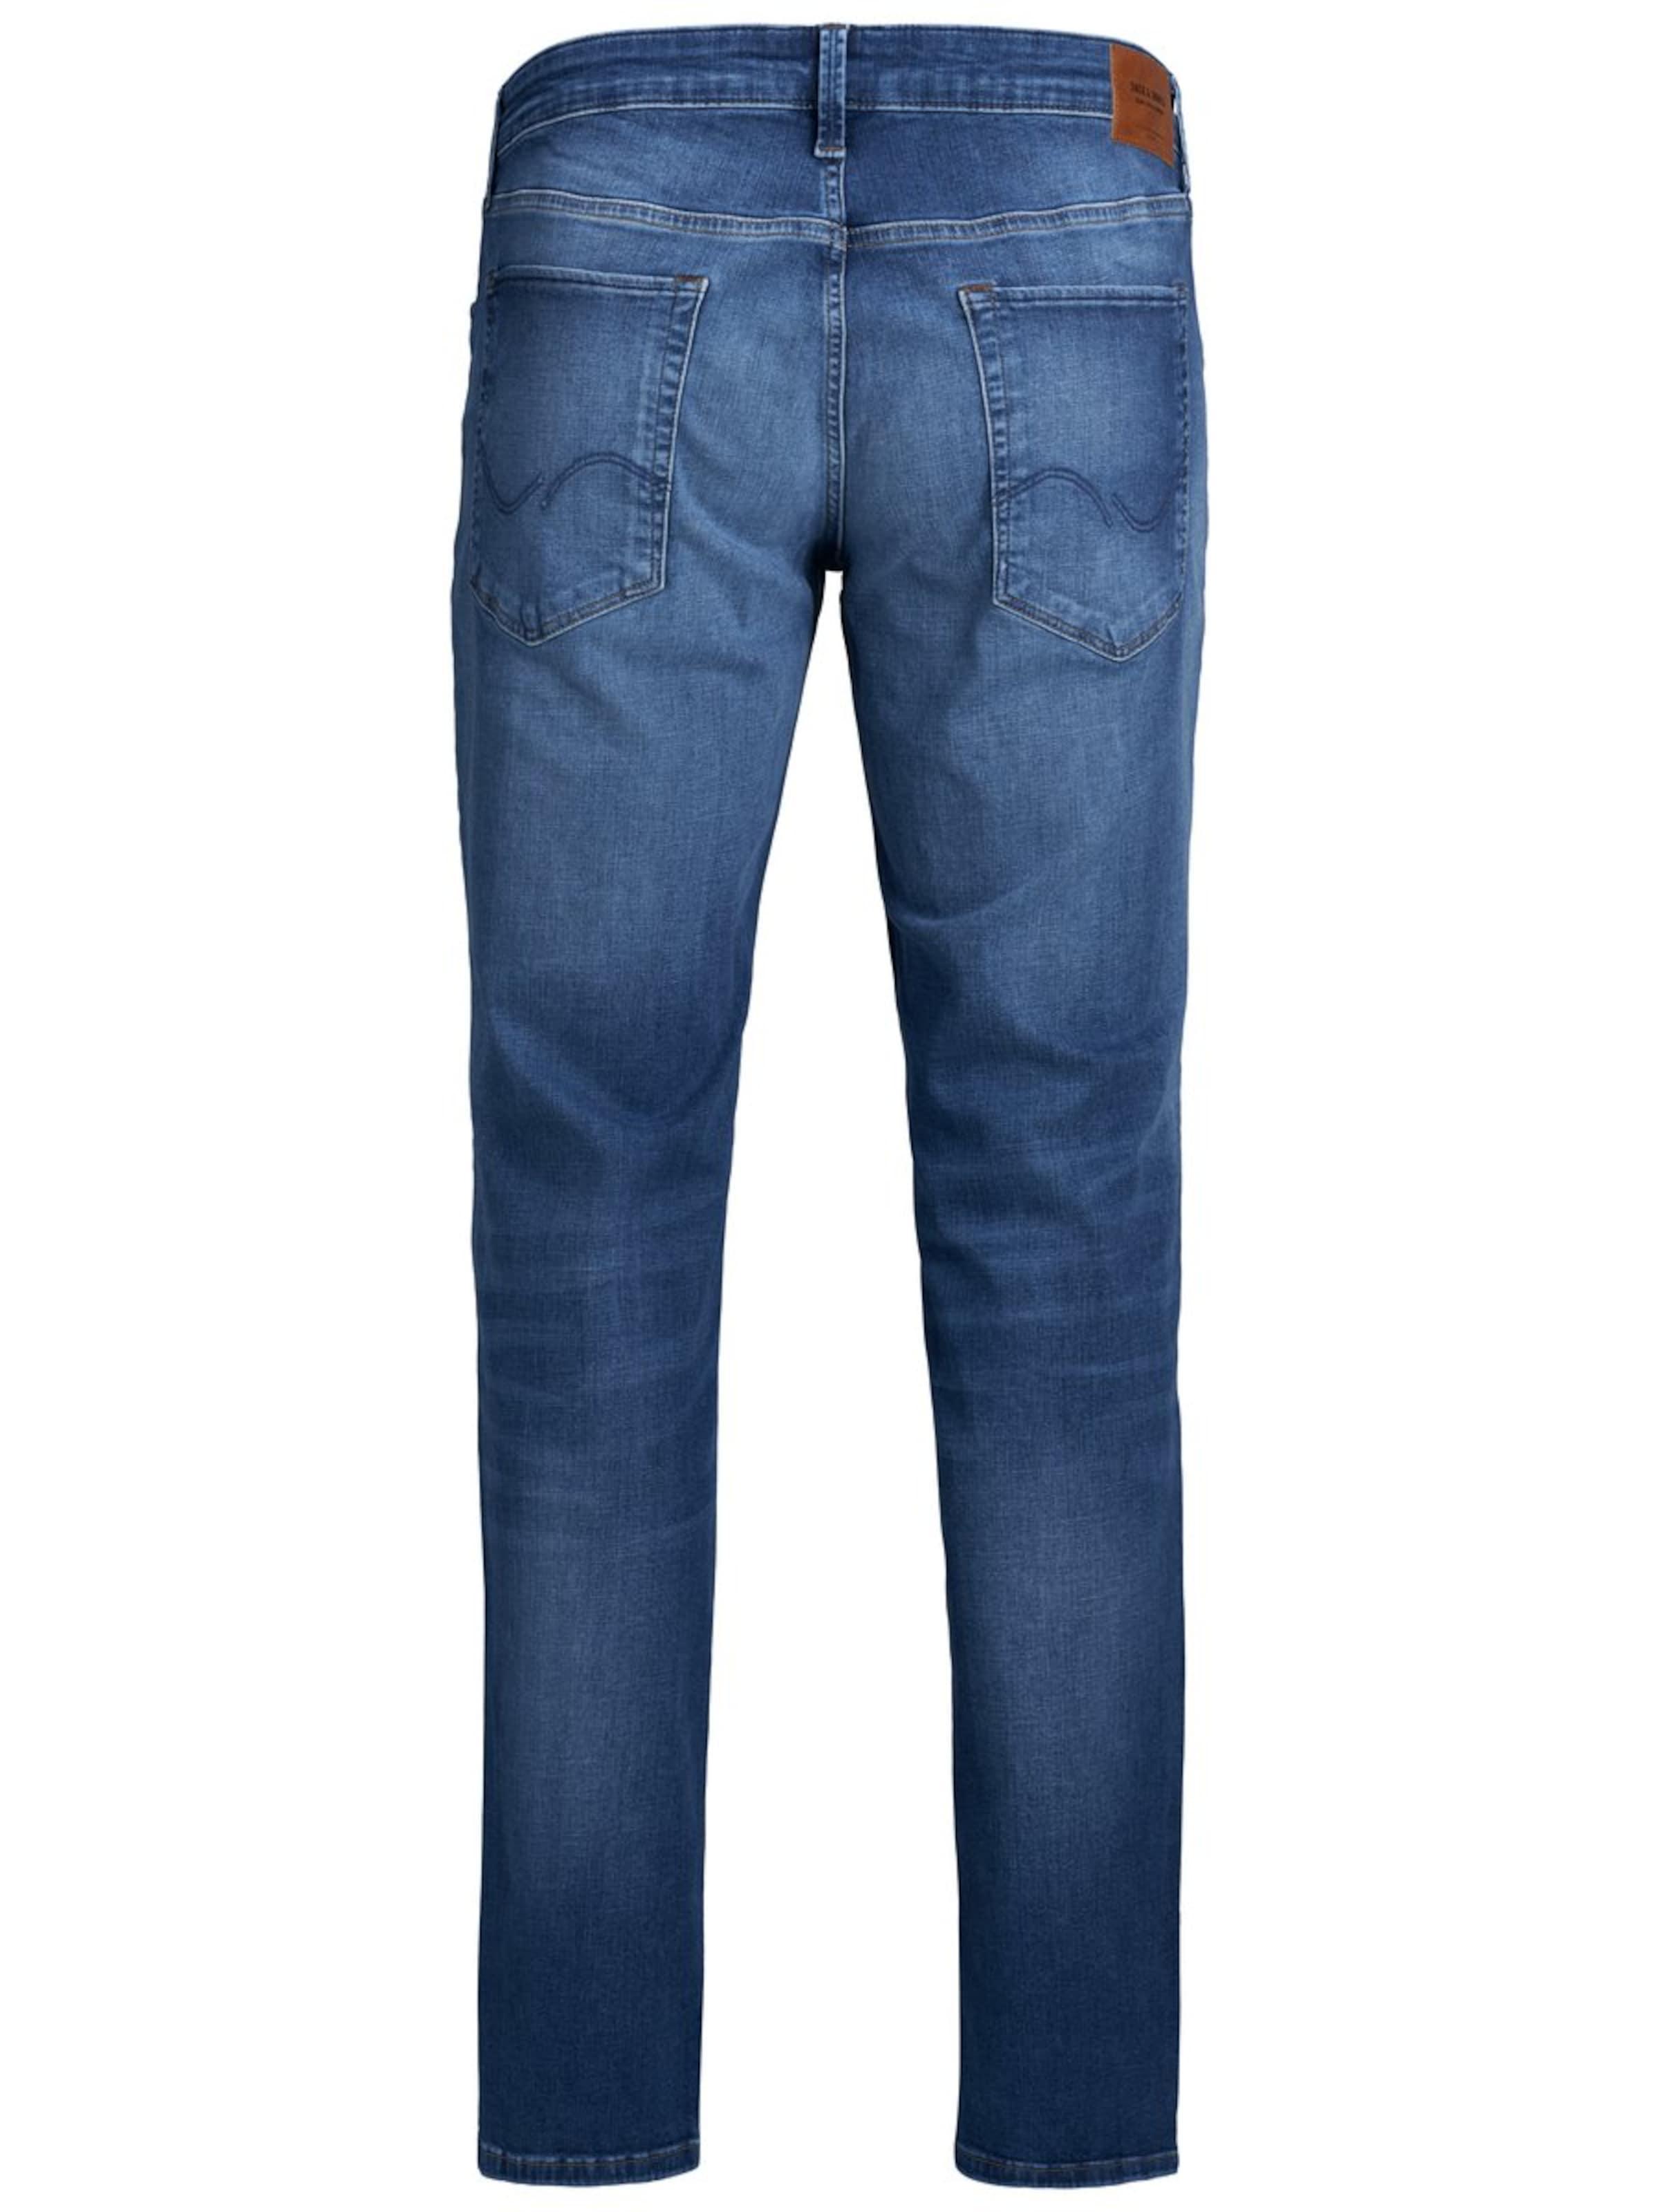 Jackamp; 50sps' Denim JonesJean In Bleu '357 BdCWEQrxoe